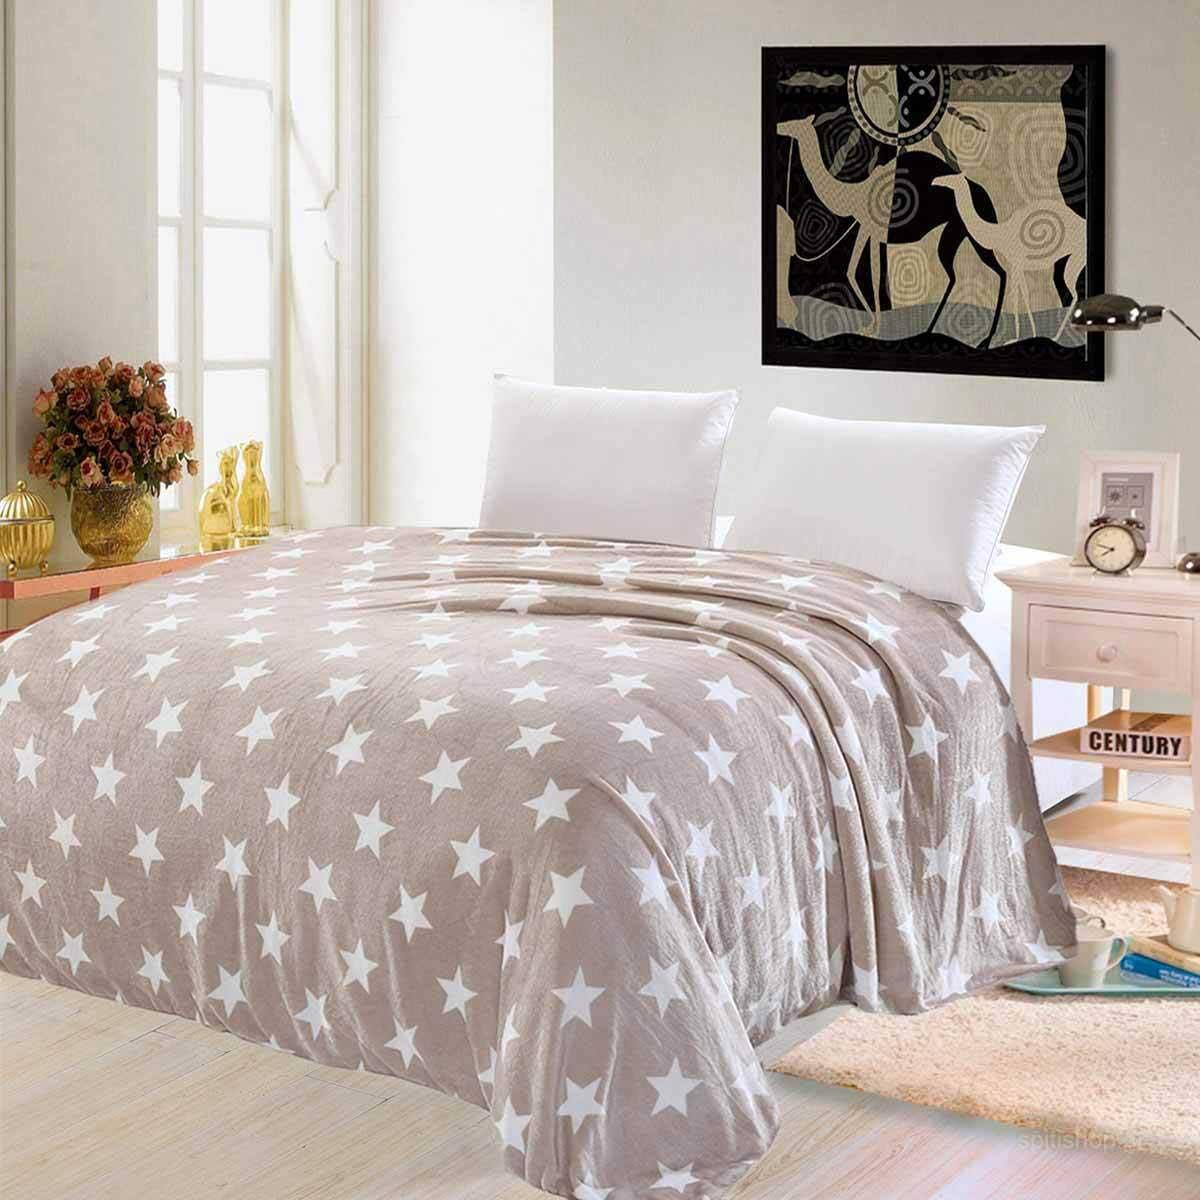 Κουβέρτα Fleece Υπέρδιπλη Silk Fashion Star Flannel Coffee